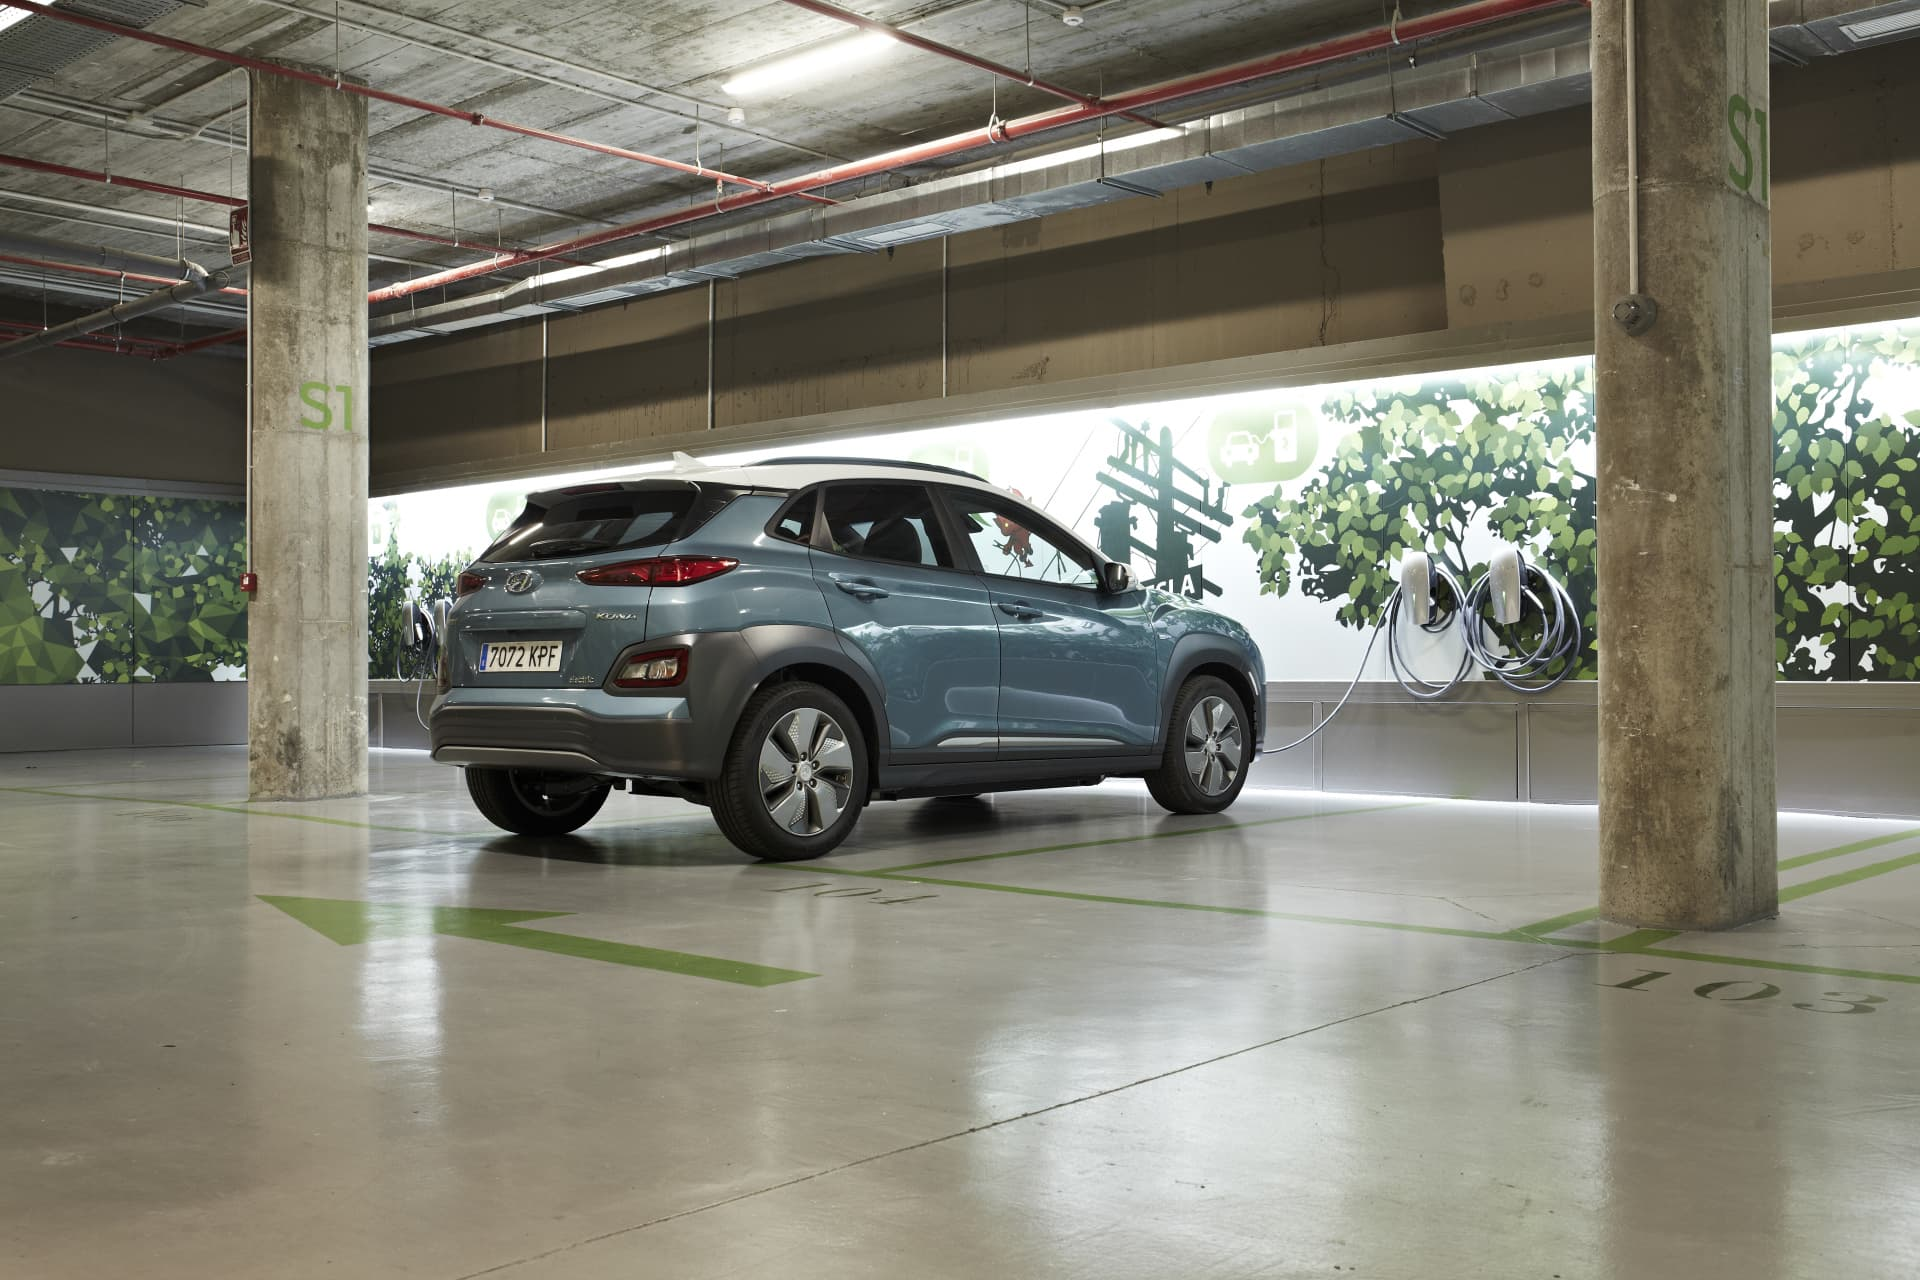 Hyundai Kona Fotos Dm 18